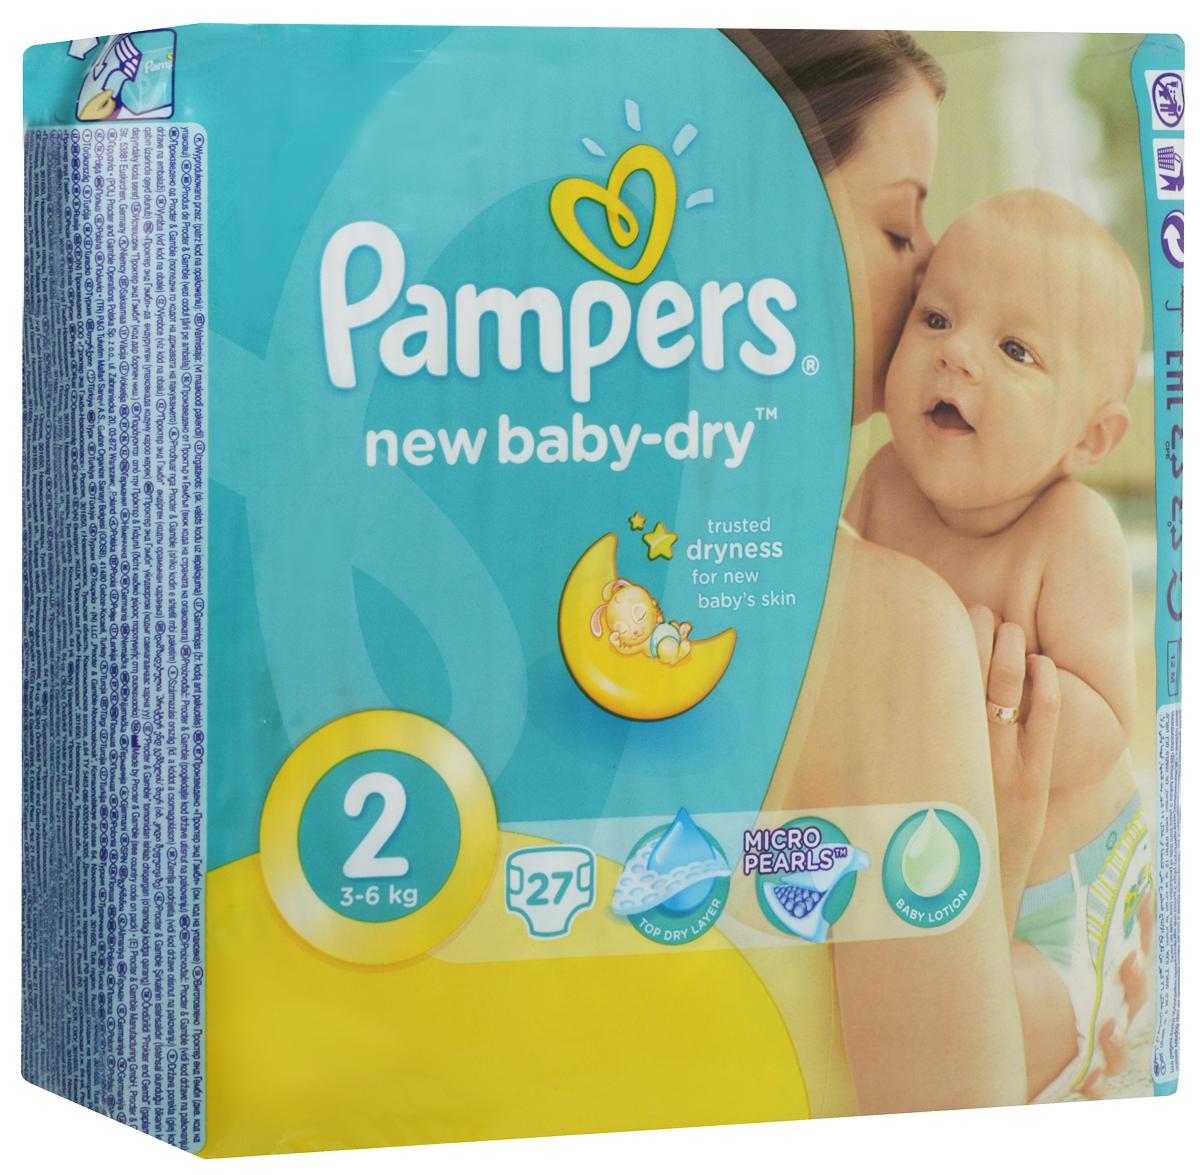 Pampers Подгузники New Baby 3-6 кг (размер 2) 27 штPA-81446629До 12 часов сухости, чтобы каждое утро было добрым! Для каждого доброго утра нужно до 12 часов сухости ночью. Поэтому для вас и вашего малыша каждое утро будет добрым, ведь у подгузников Pampers Active Baby-Dry есть обновленный рельефный впитывающий слой и основа, которая надежно запирает влагу внутри. А также мягкие тянущиеся боковинки, чтобы подгузник сидел плотно и при этом не доставлял дискомфорт малышу. Просыпайтесь с радостью каждое утро с подгузниками Pampers Active Baby-Dry . - Каждое утро будет добрым после ночи спокойного сна! - Рельефный впитывающий слой, который впитывает влагу и запирает ее внутри. - У подгузников Pampers Active Baby-Dry новый веселый дизайн! - Мягкие тянущиеся боковинки, чтобы малышу было комфортно, а подгузник сидел плотно. - Доступны в размерах 2, 3, 3+, 4, 4+, 5, 5+, и 6